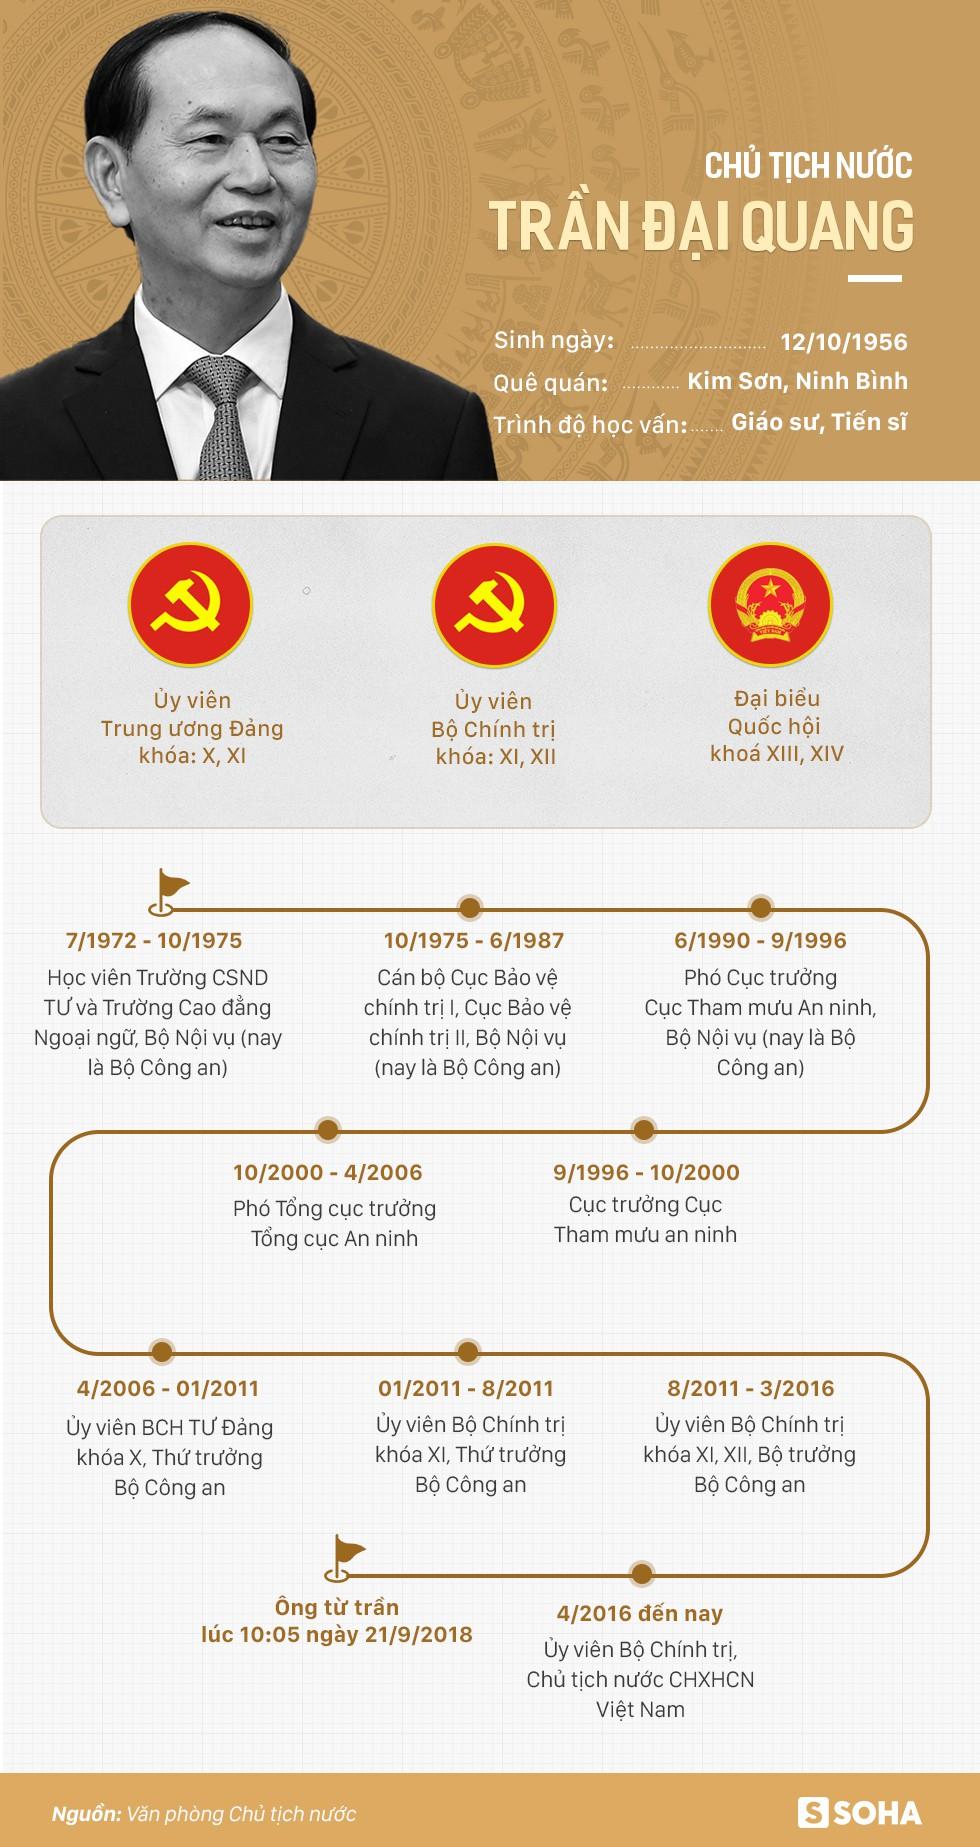 Tiểu sử cố Chủ tịch nước Trần Đại Quang - Ảnh 1.